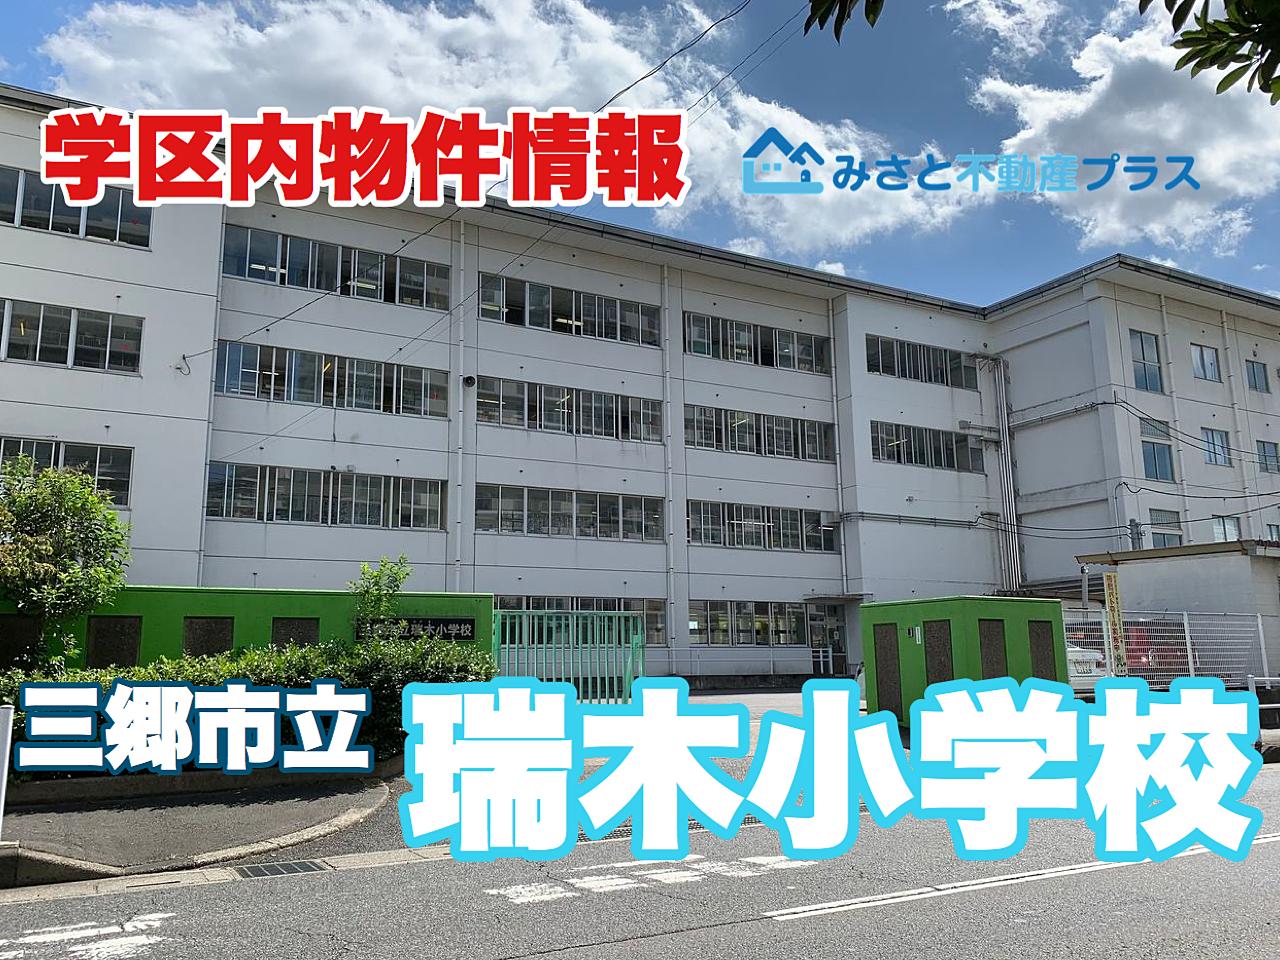 【瑞木小学校編】三郷市の小学校から物件探し